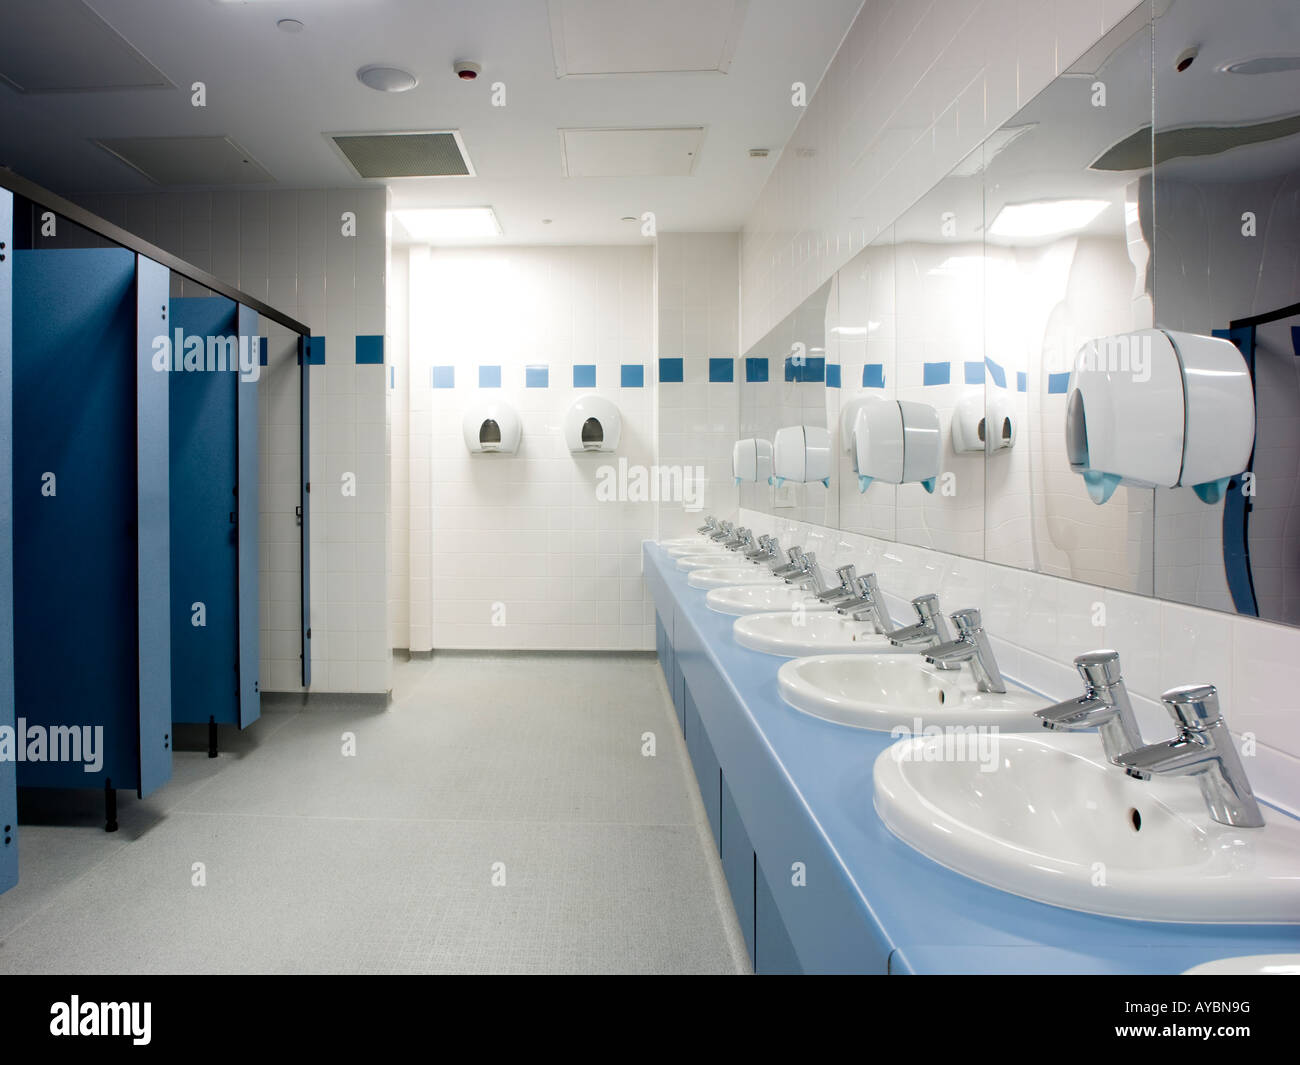 School toilet Stock Photo: 17057595 - Alamy